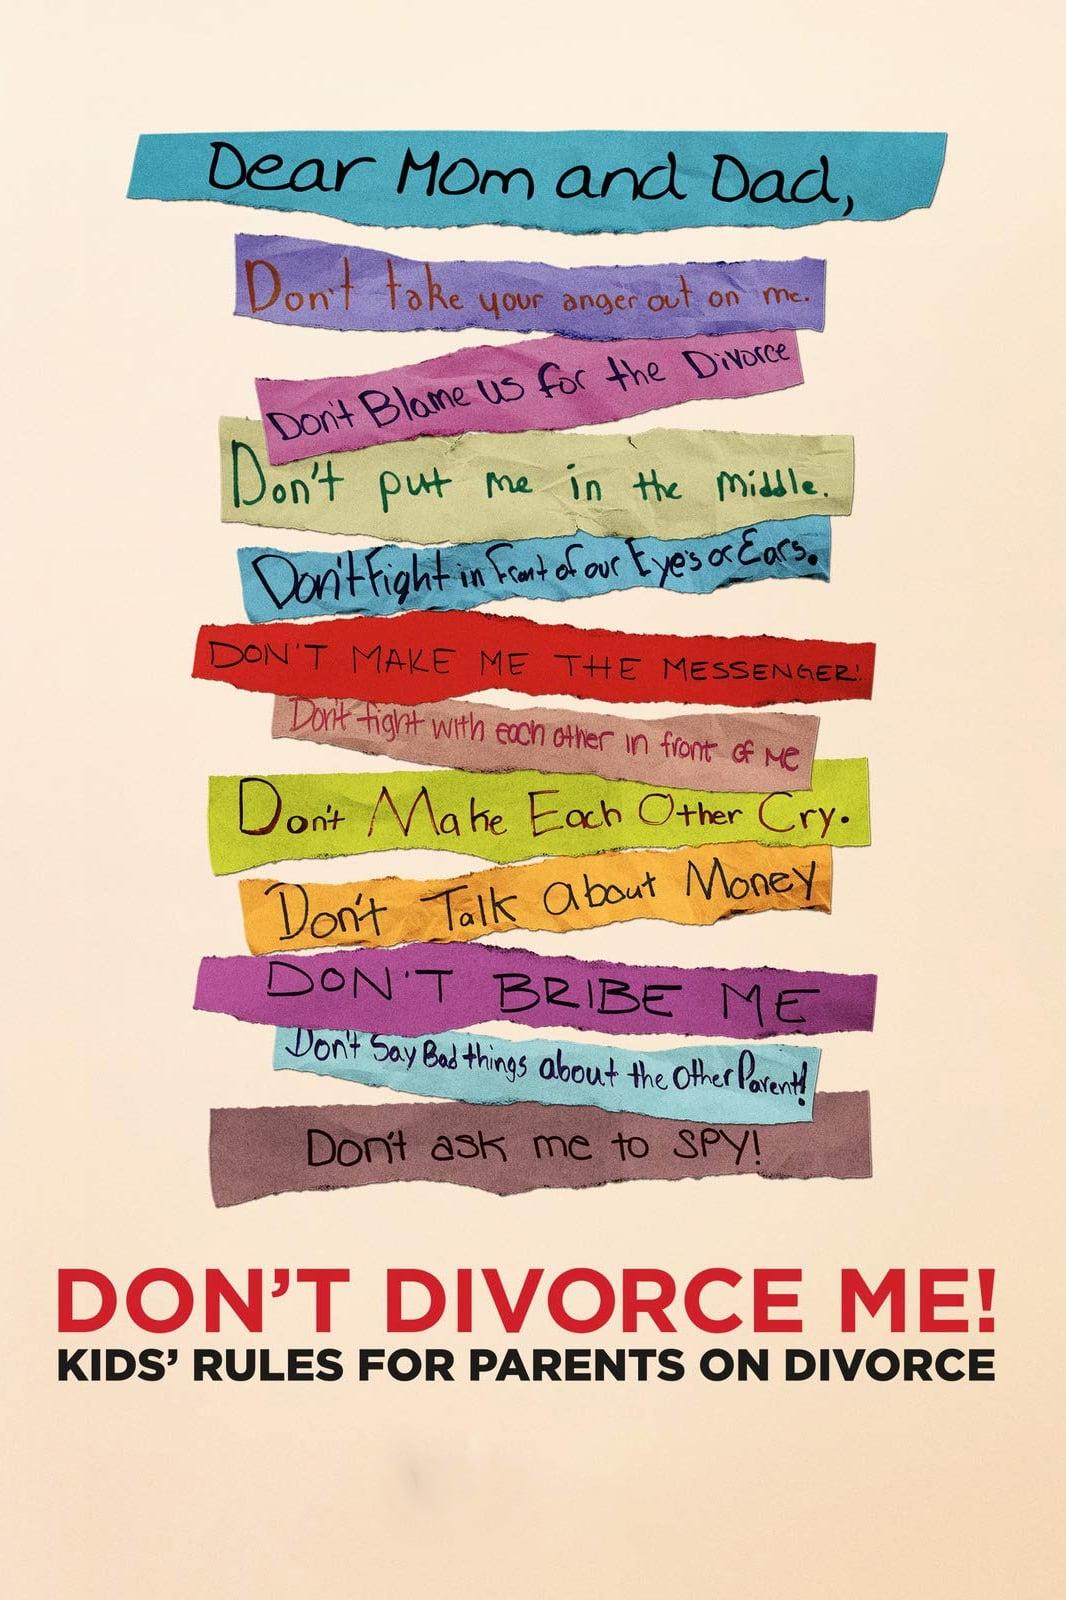 Don't Divorce Me! Kids' Rules for Parents on Divorce